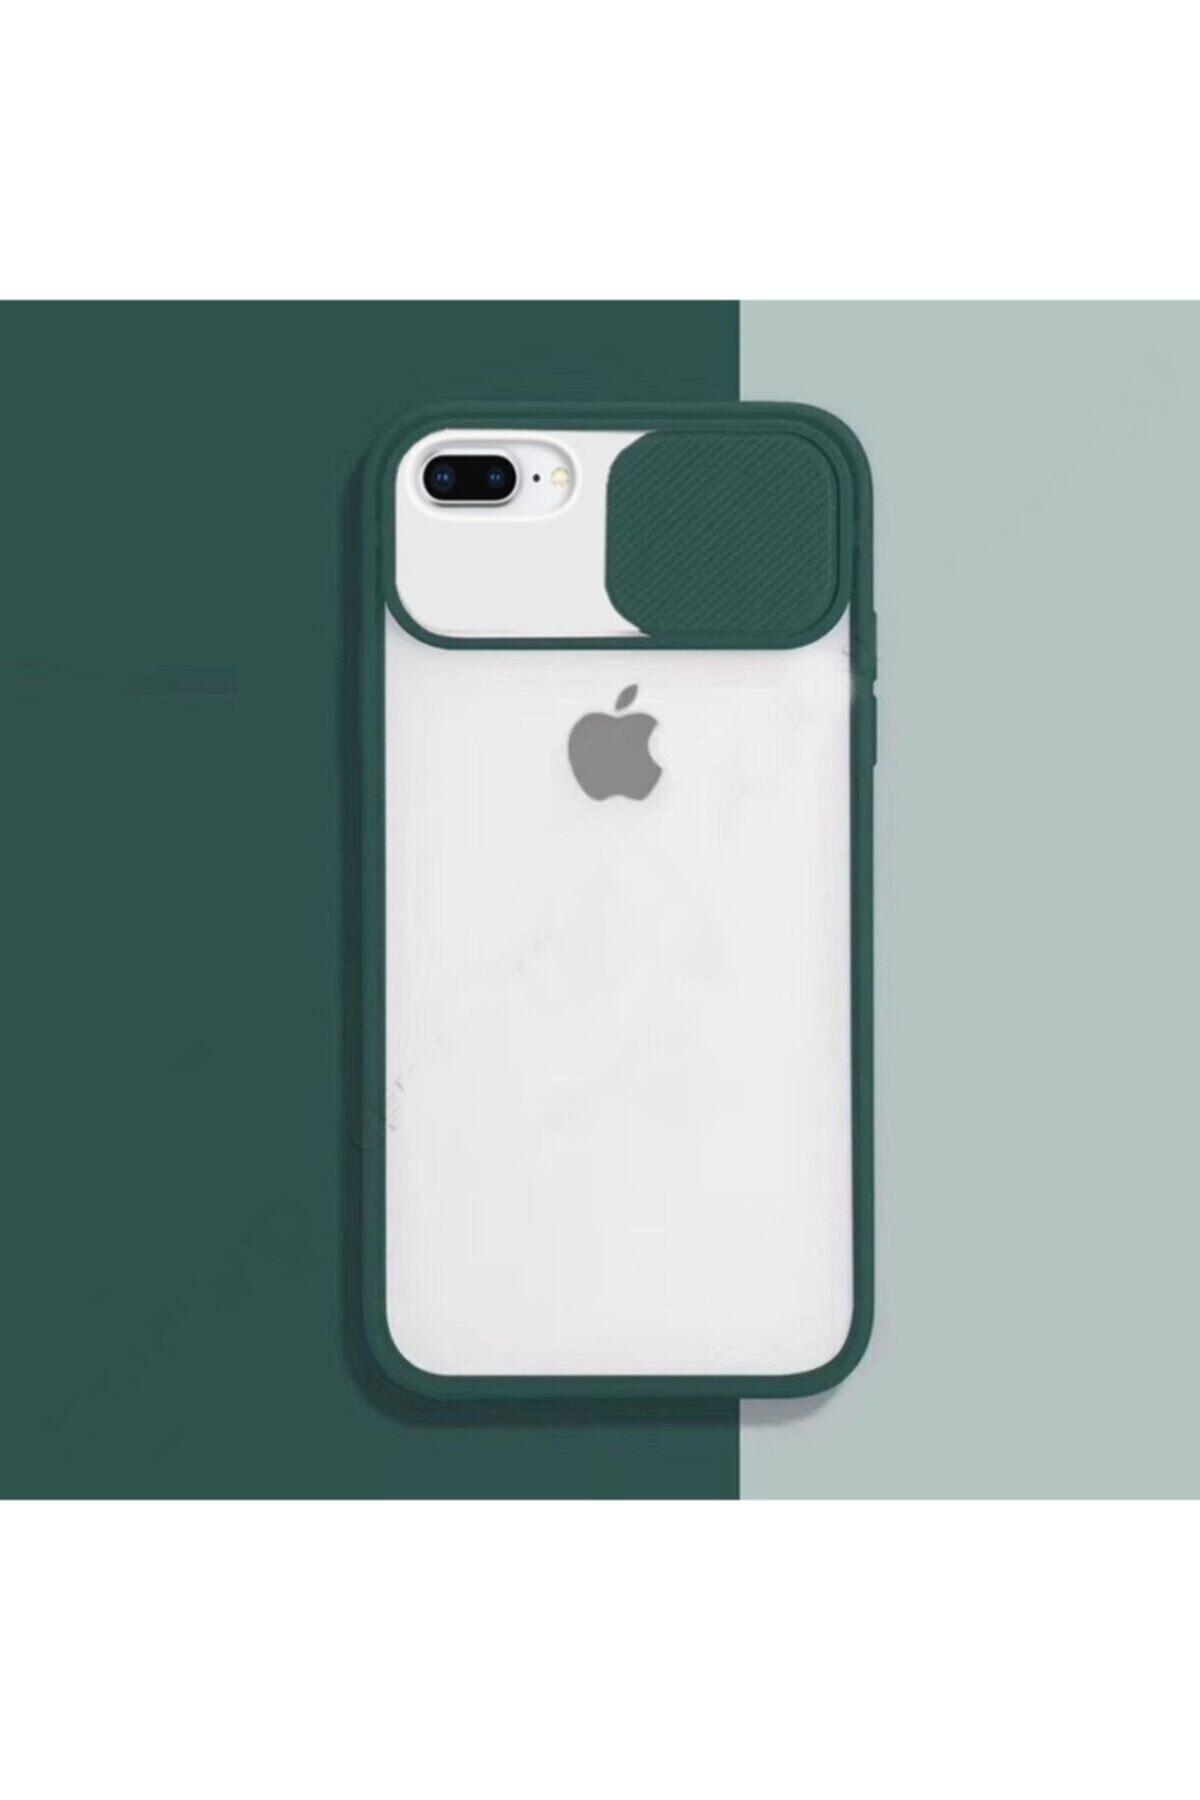 zore Iphone 7 Plus - 8 Plus Sürgülü Kamera Korumalı Silikon Kılıf 1